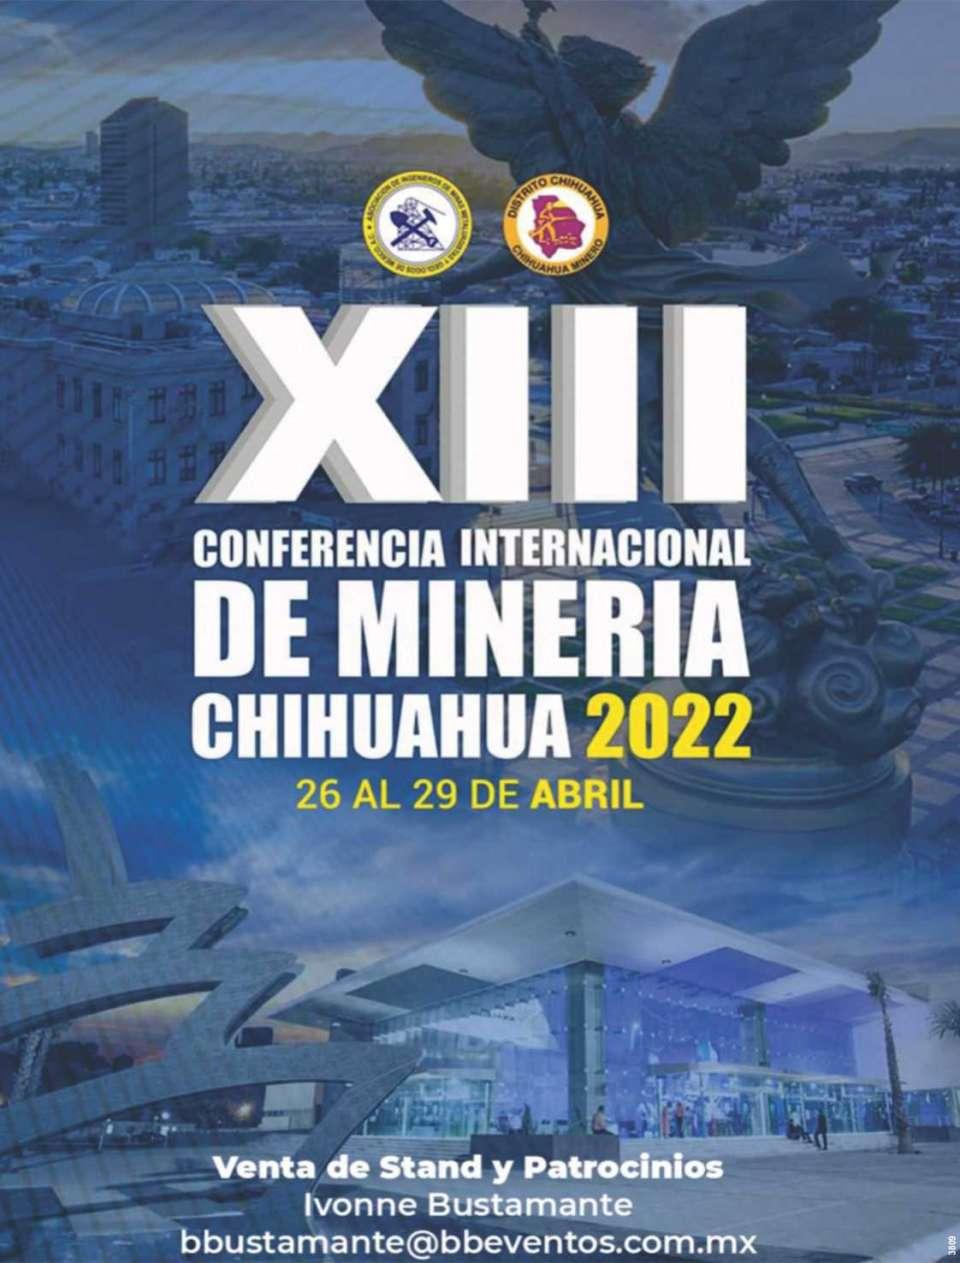 EXPOSICION DE MINERIA EN CHIHUAHUA, MEXICO